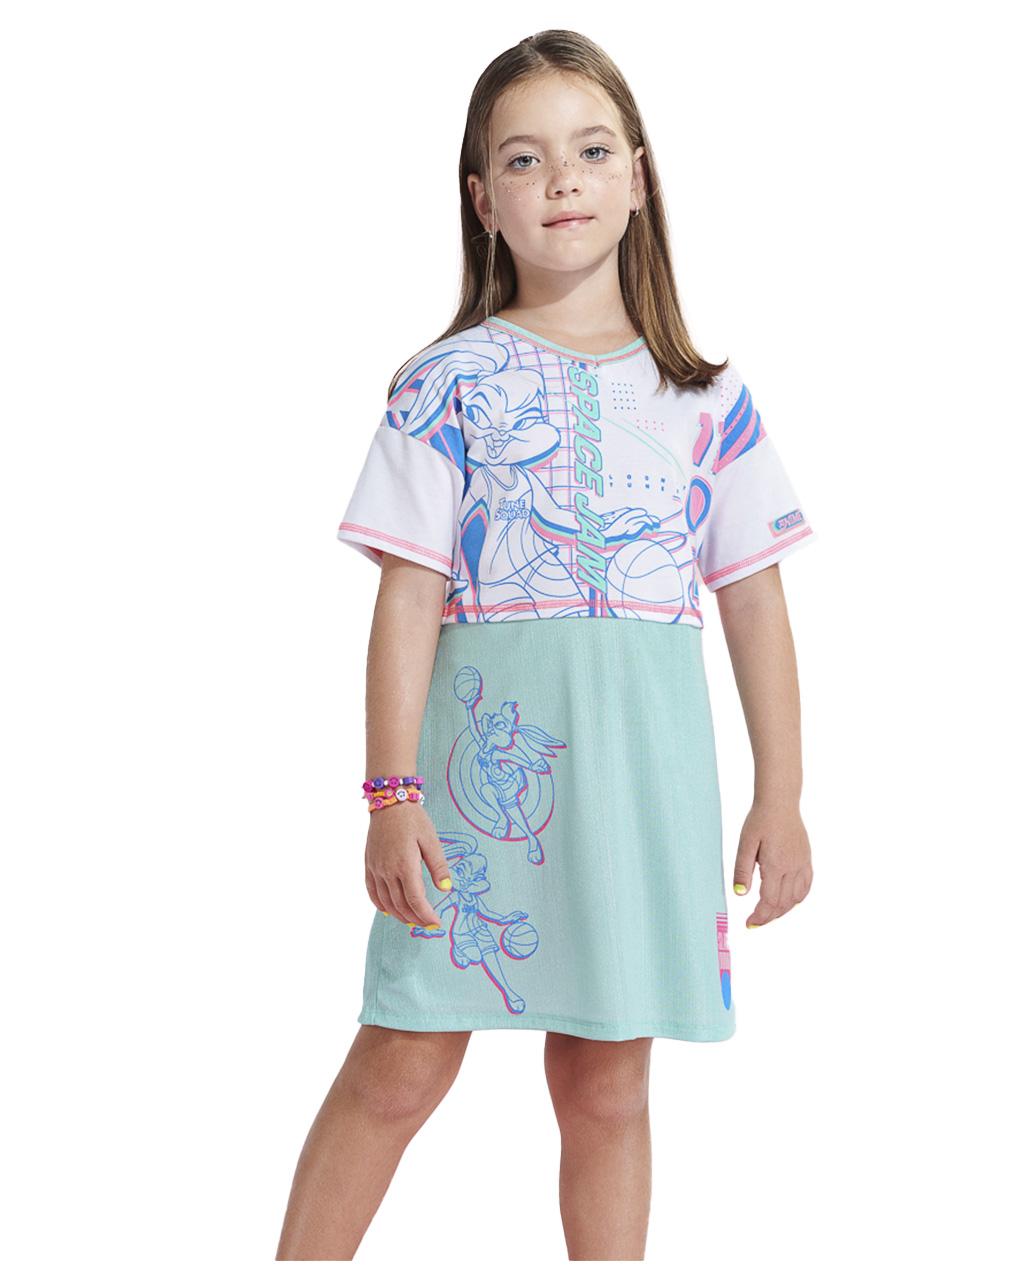 Vestido Infantil Saia com Brilho Animê